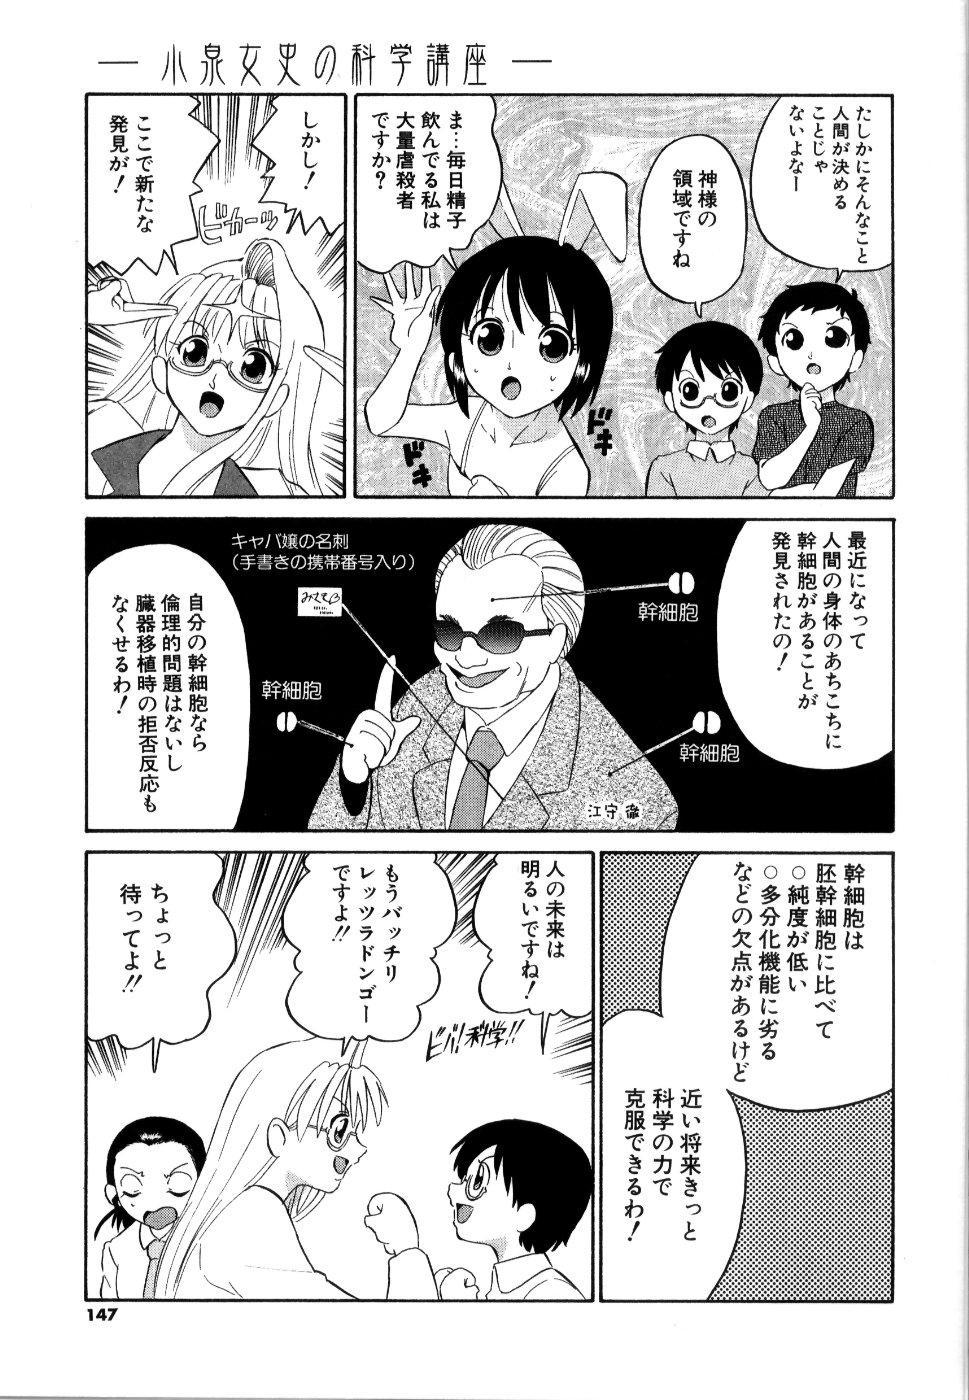 [Dozamura] Doguu -Dozamura Guuwa- Kuro 147